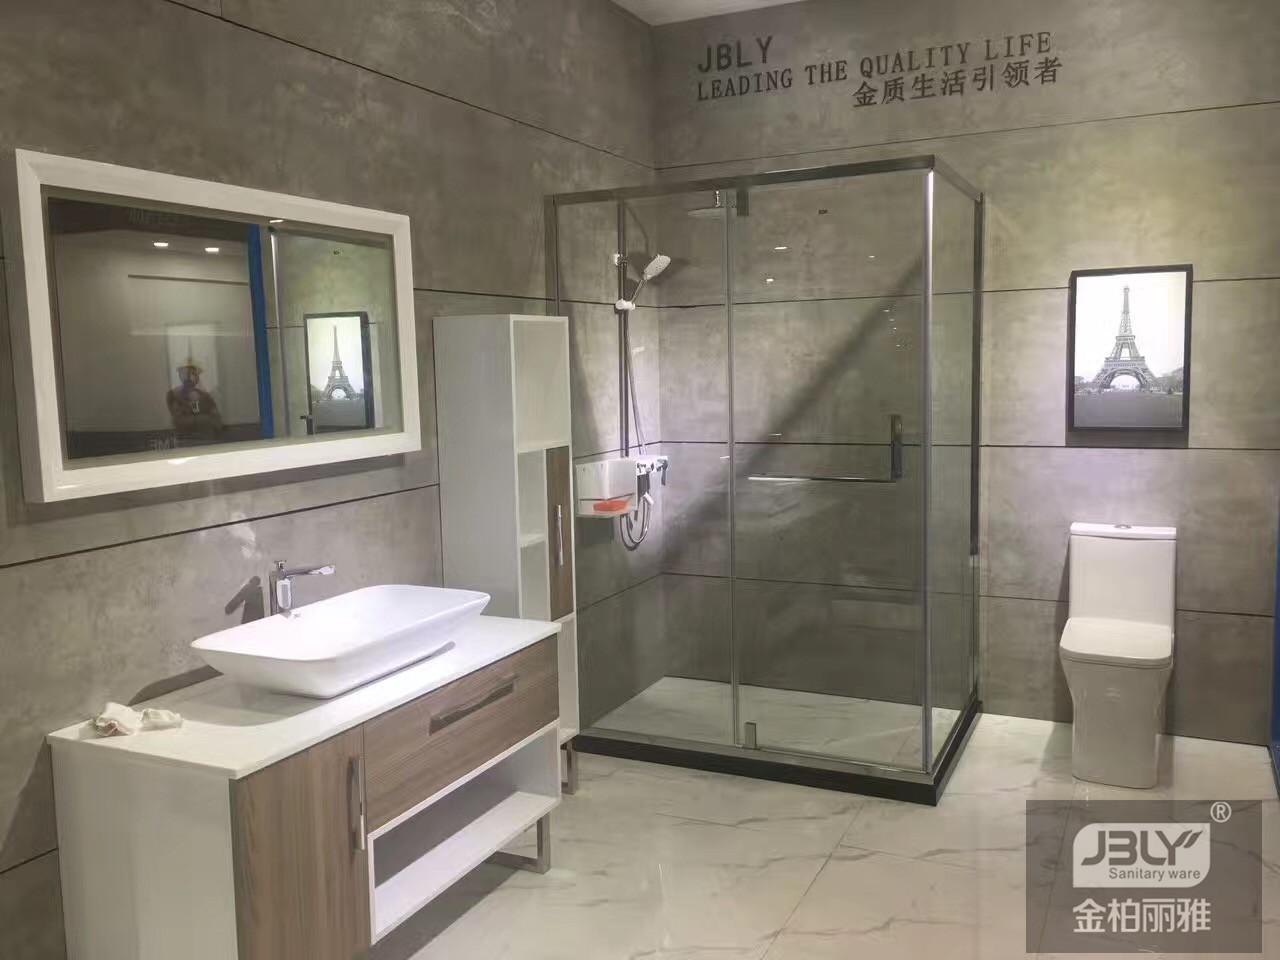 浴室柜潮湿怎么办?